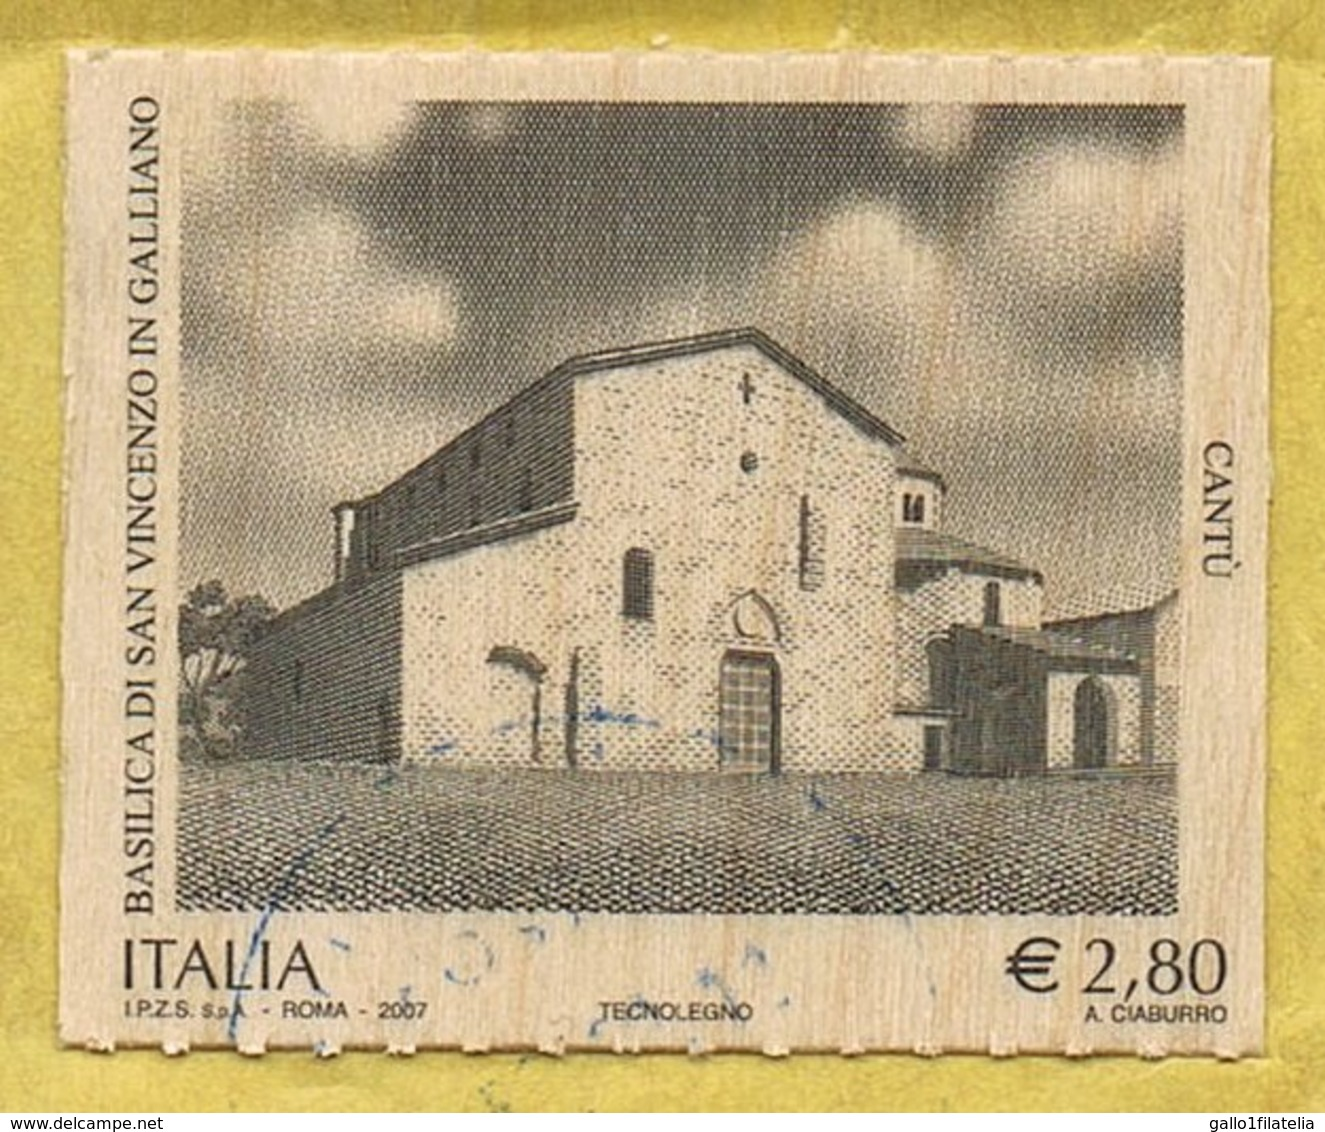 2007 - ITALIA / ITALY - BASILICA SAN VINCENZO IN GALLIANO A CANTU' / STAMPATO SU LAMINA DI LEGNO. USATO / USED. - Usati